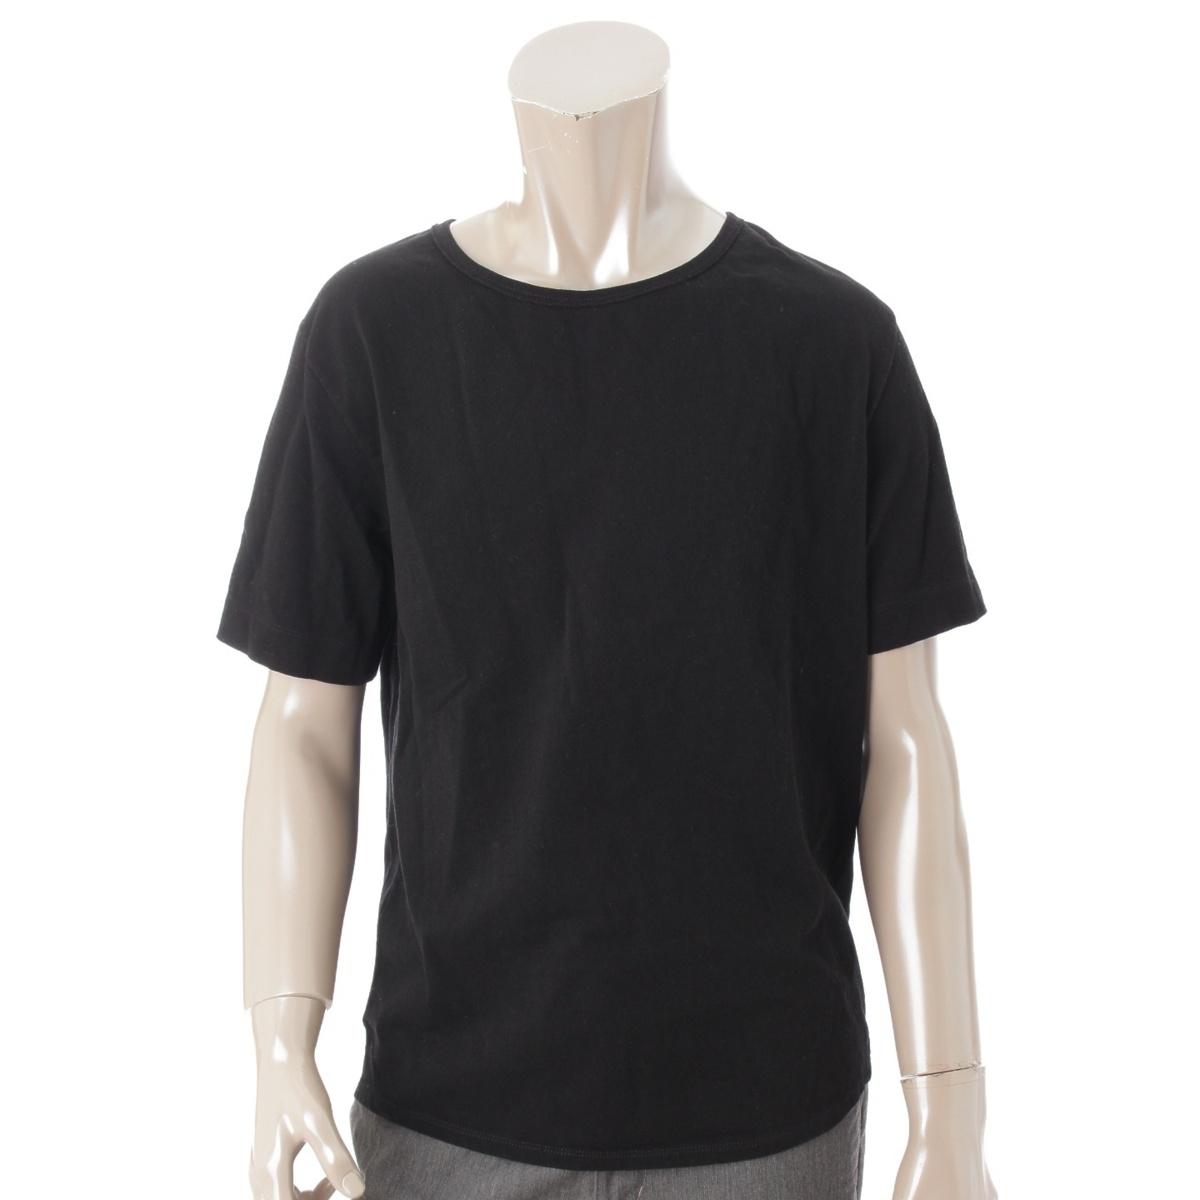 【20%OFFセール】【グッチ】Gucci メンズ バックタグ Tシャツ 431047 ブラック XS 【中古】【鑑定済・正規品保証】62610